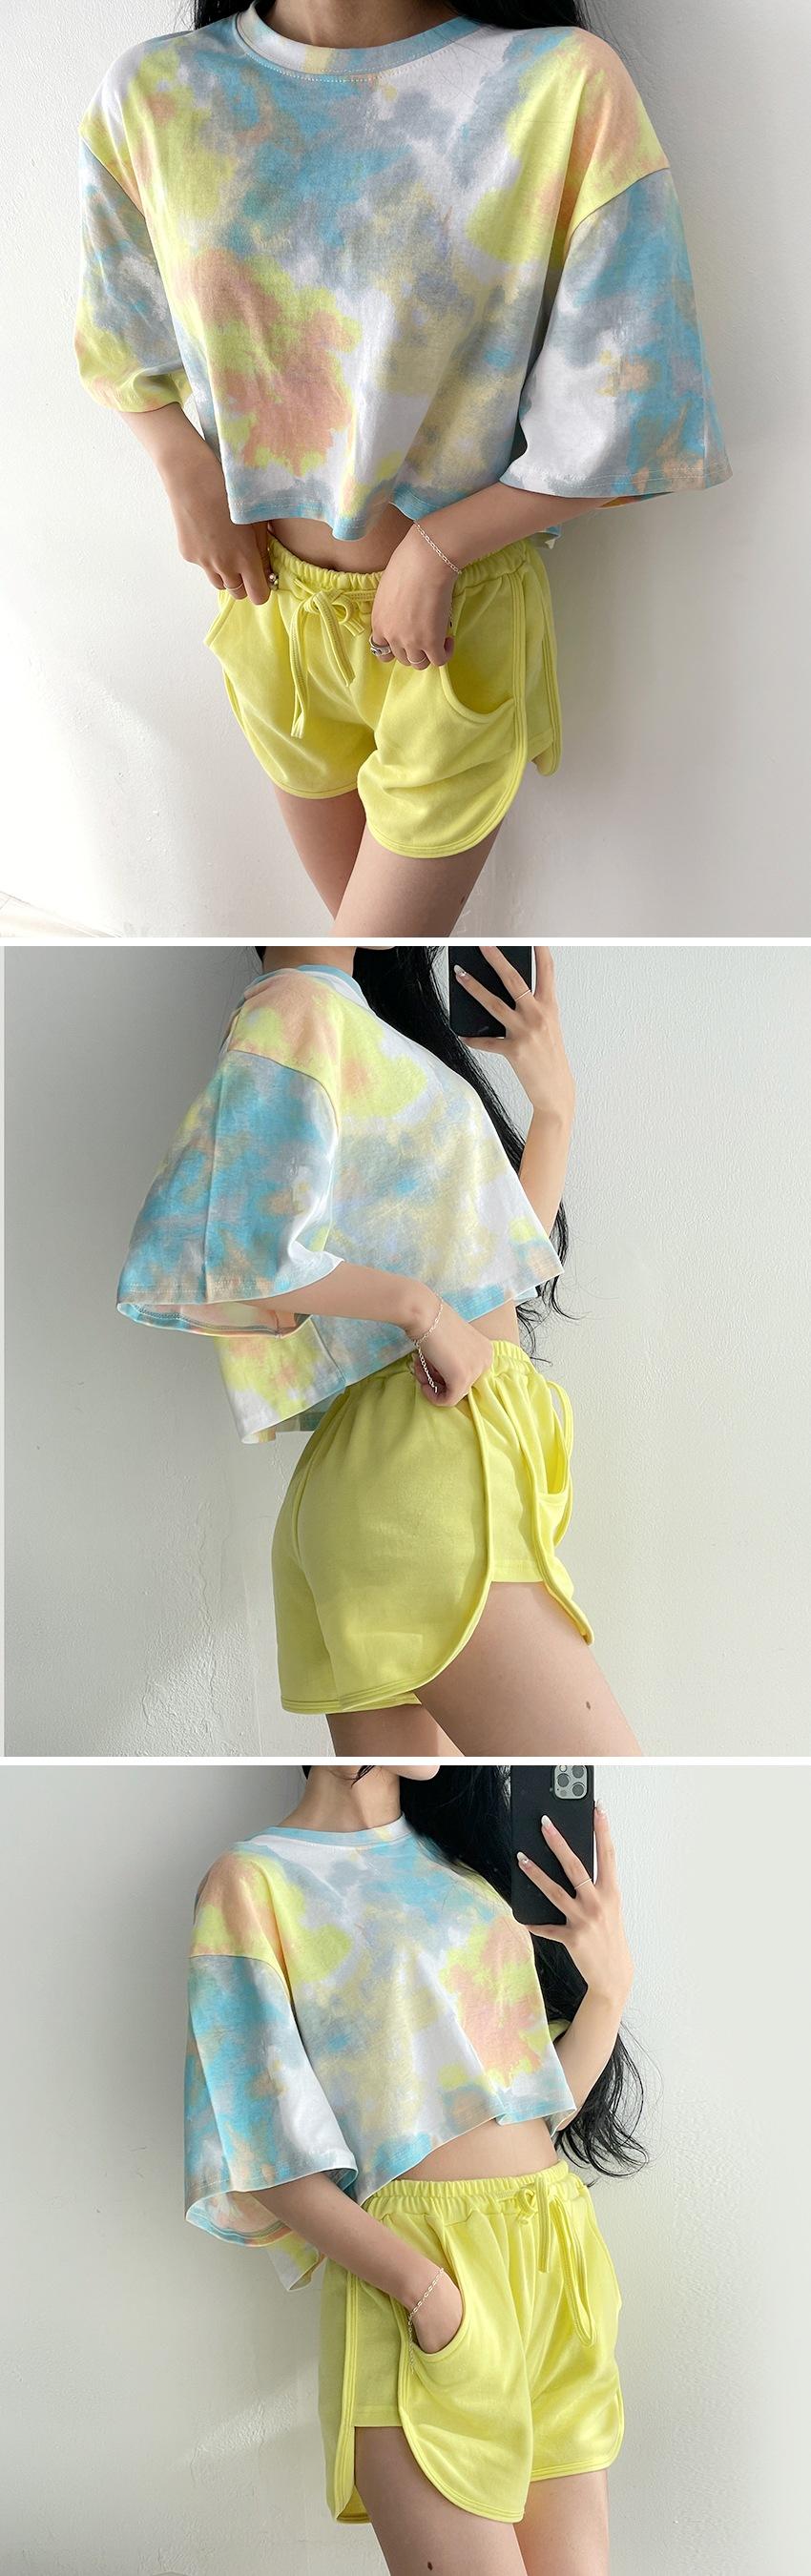 Water print tie-dye crop box short sleeve tee 4color